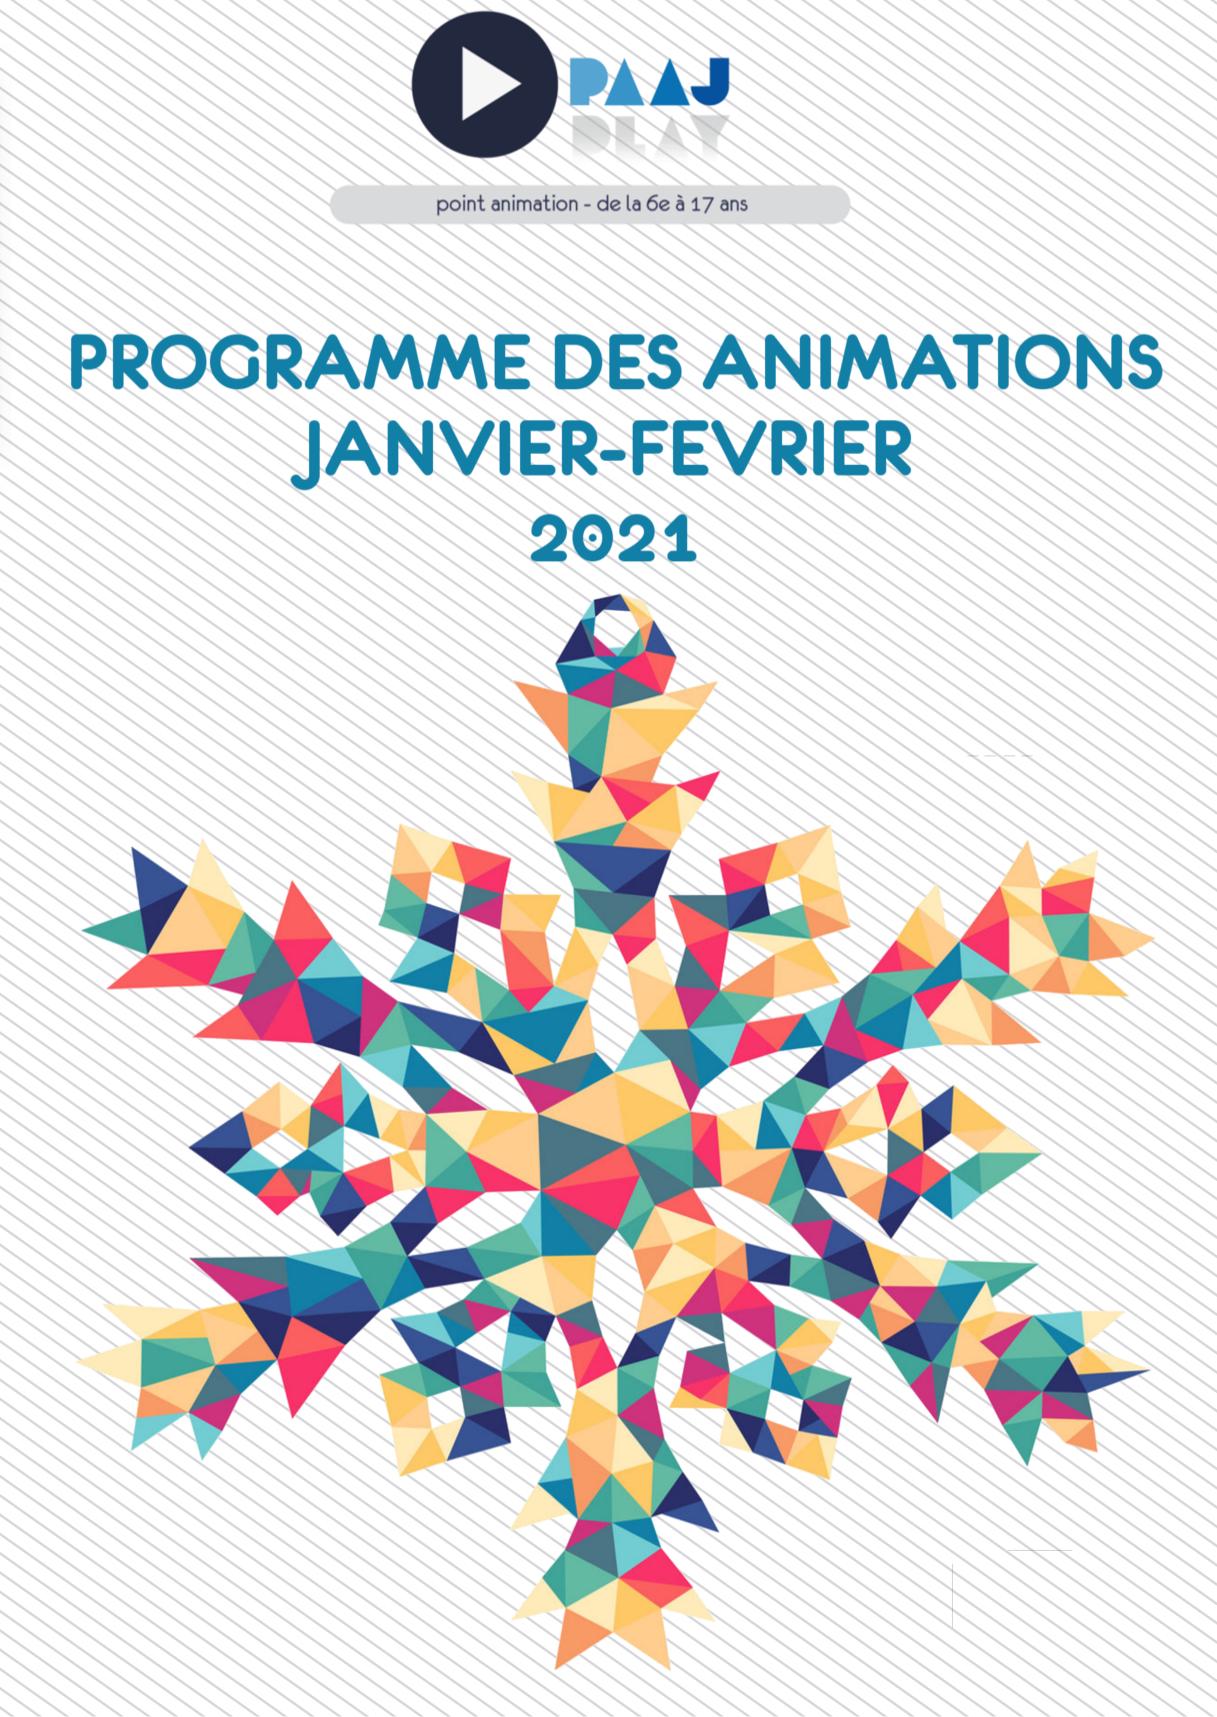 PAAJ – retrouvez le programme des animations de janvier-février 2021!